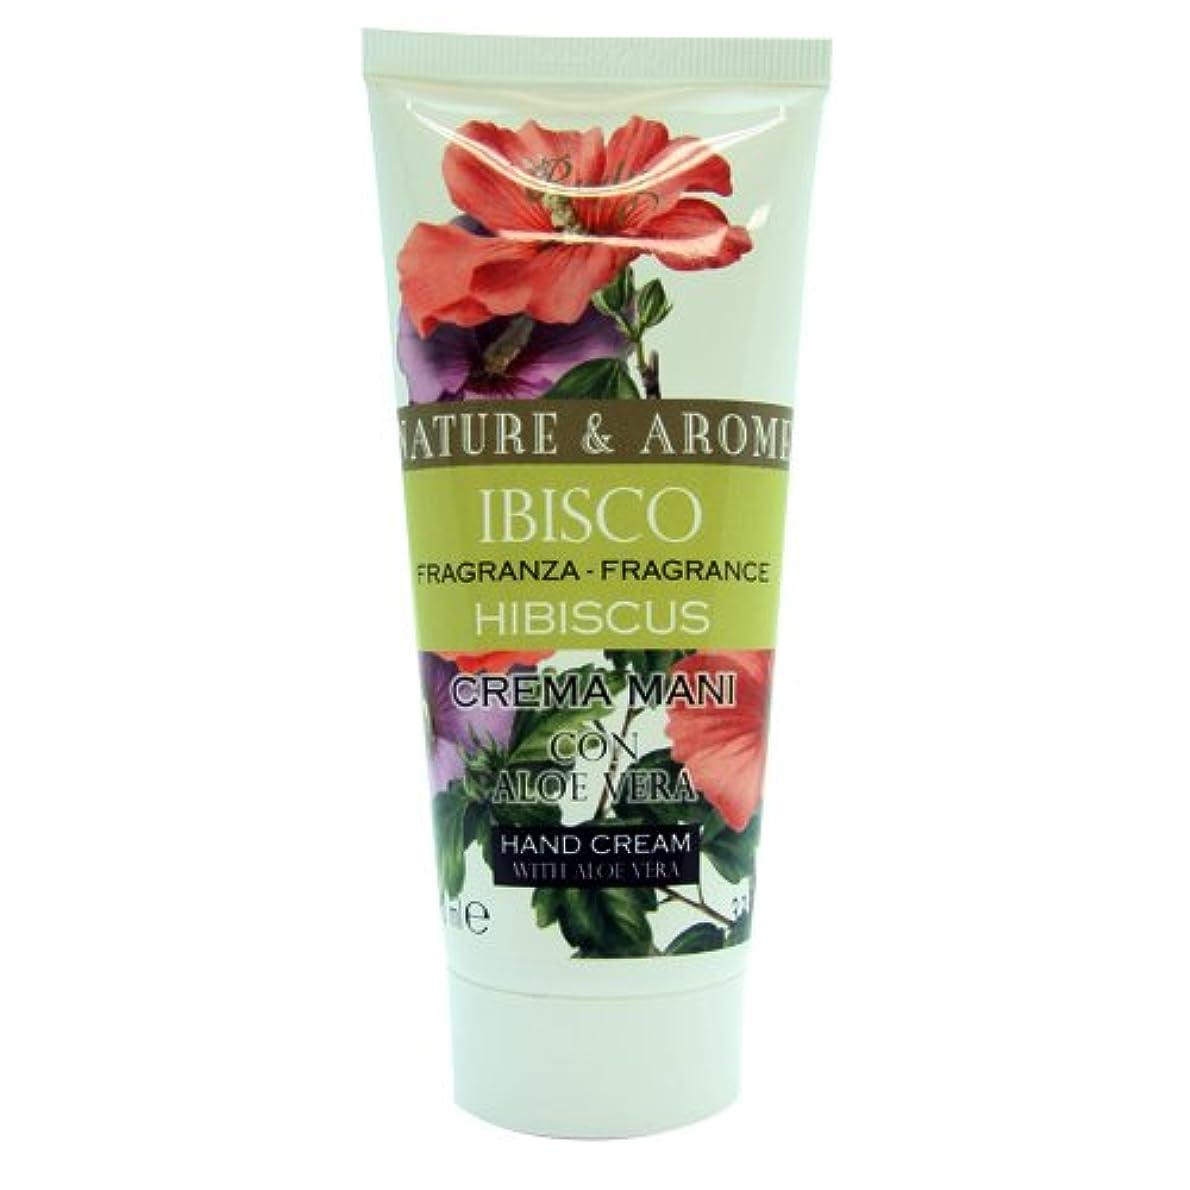 マニフェスト最終類推RUDY Nature&Arome SERIES ルディ ナチュール&アロマ Hand Cream ハンドクリーム  Hibiscus ハイビスカス